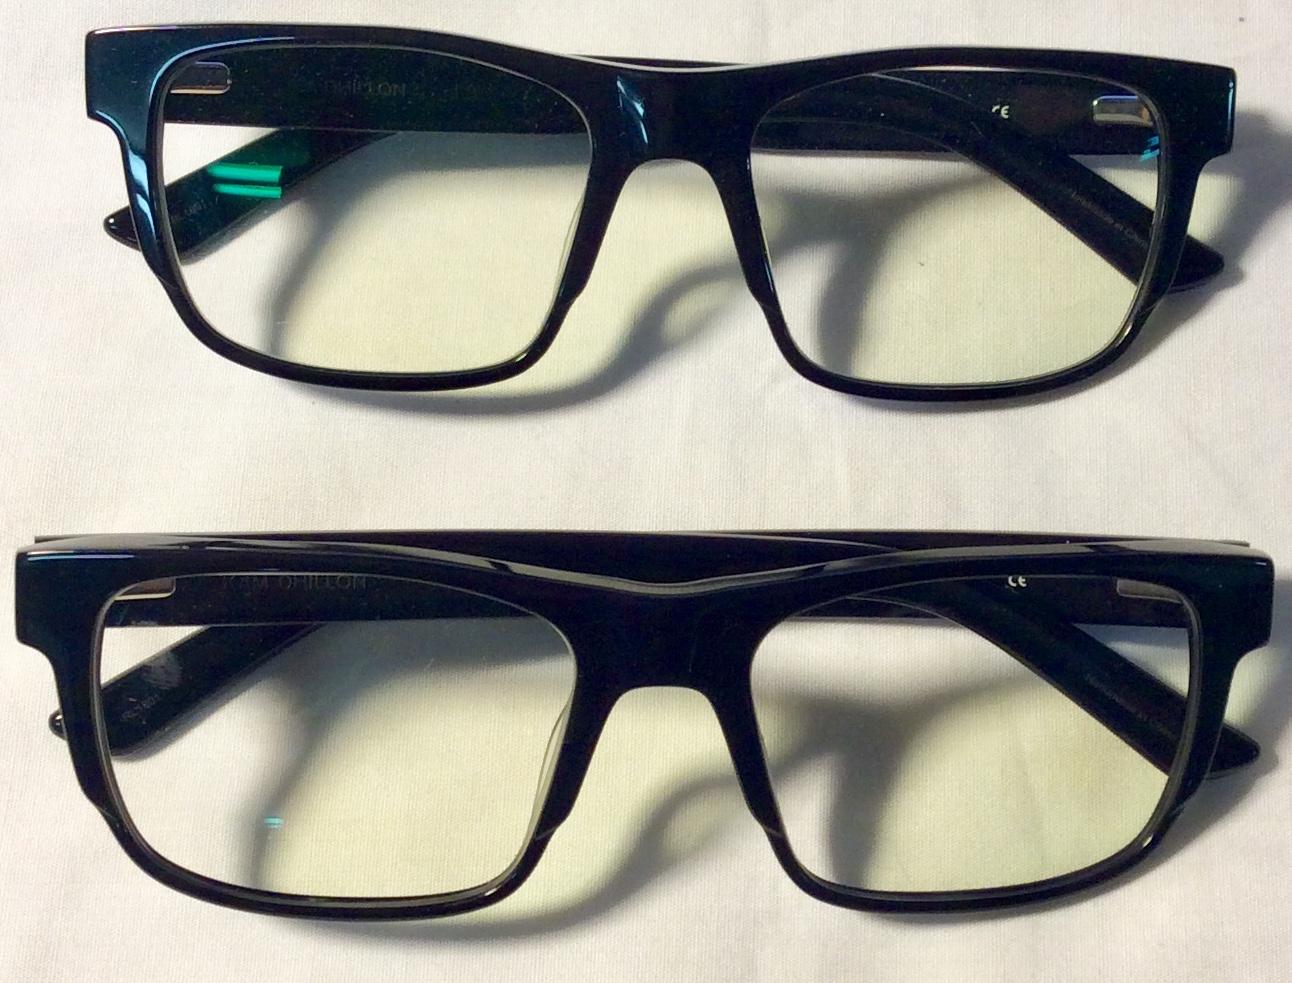 KAMDHILLON Black plastic frame ARL